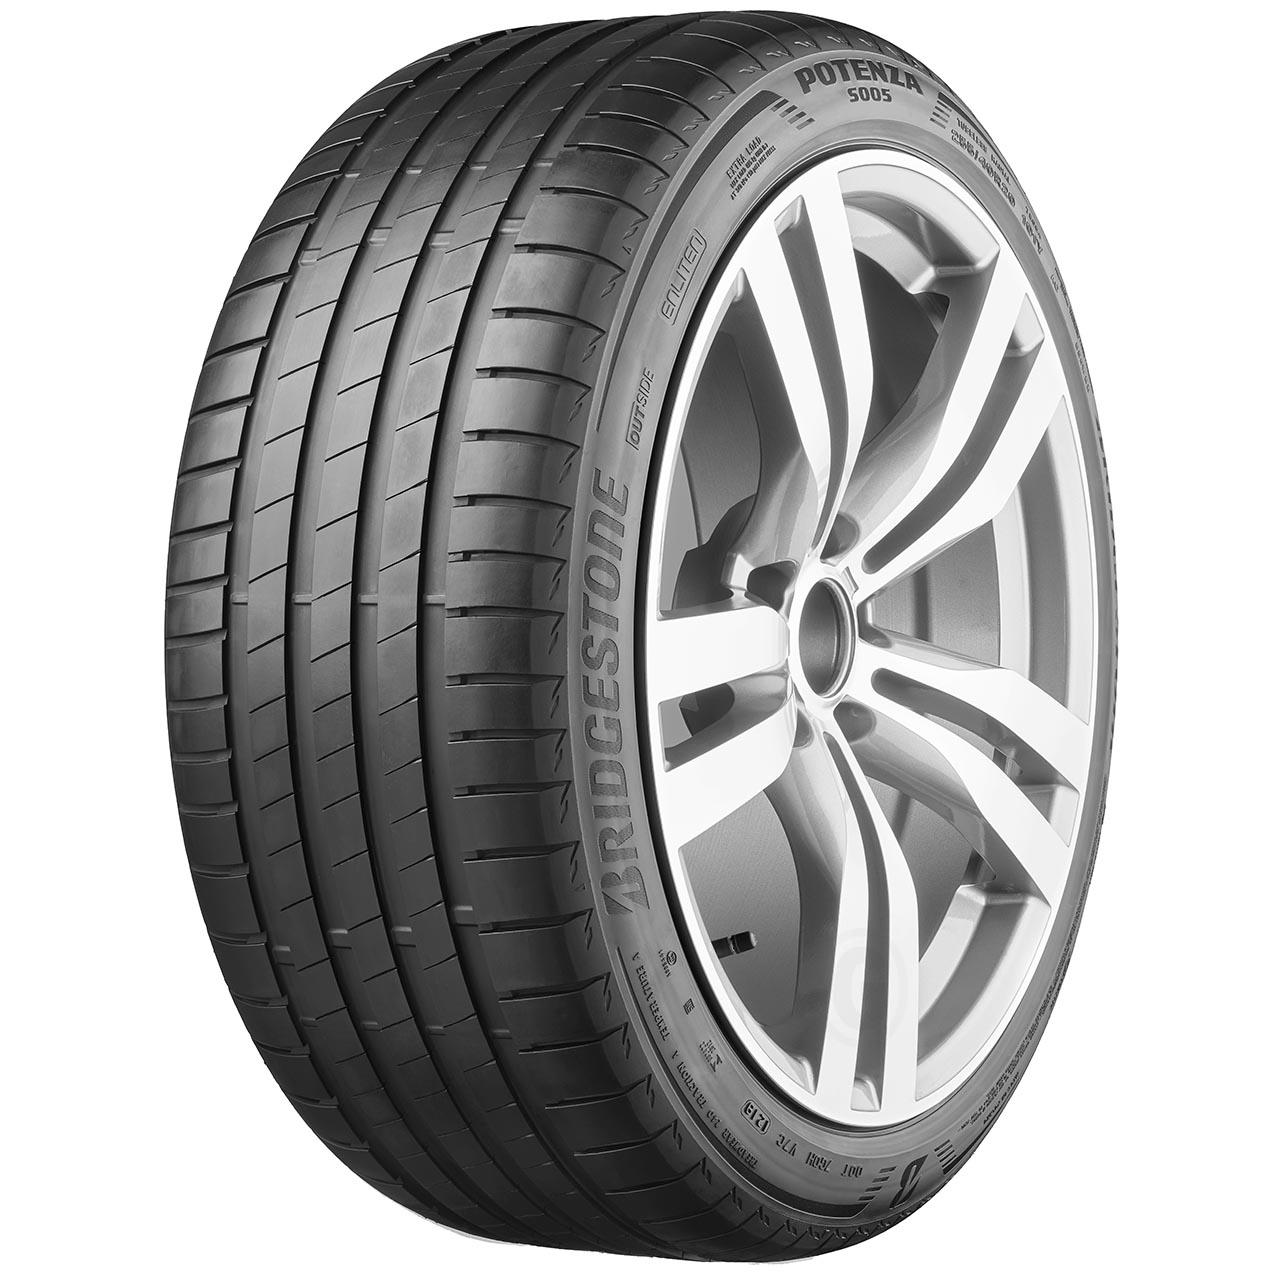 Bridgestone Potenza S005 255/40R20 101Y XL AO ENLITEN